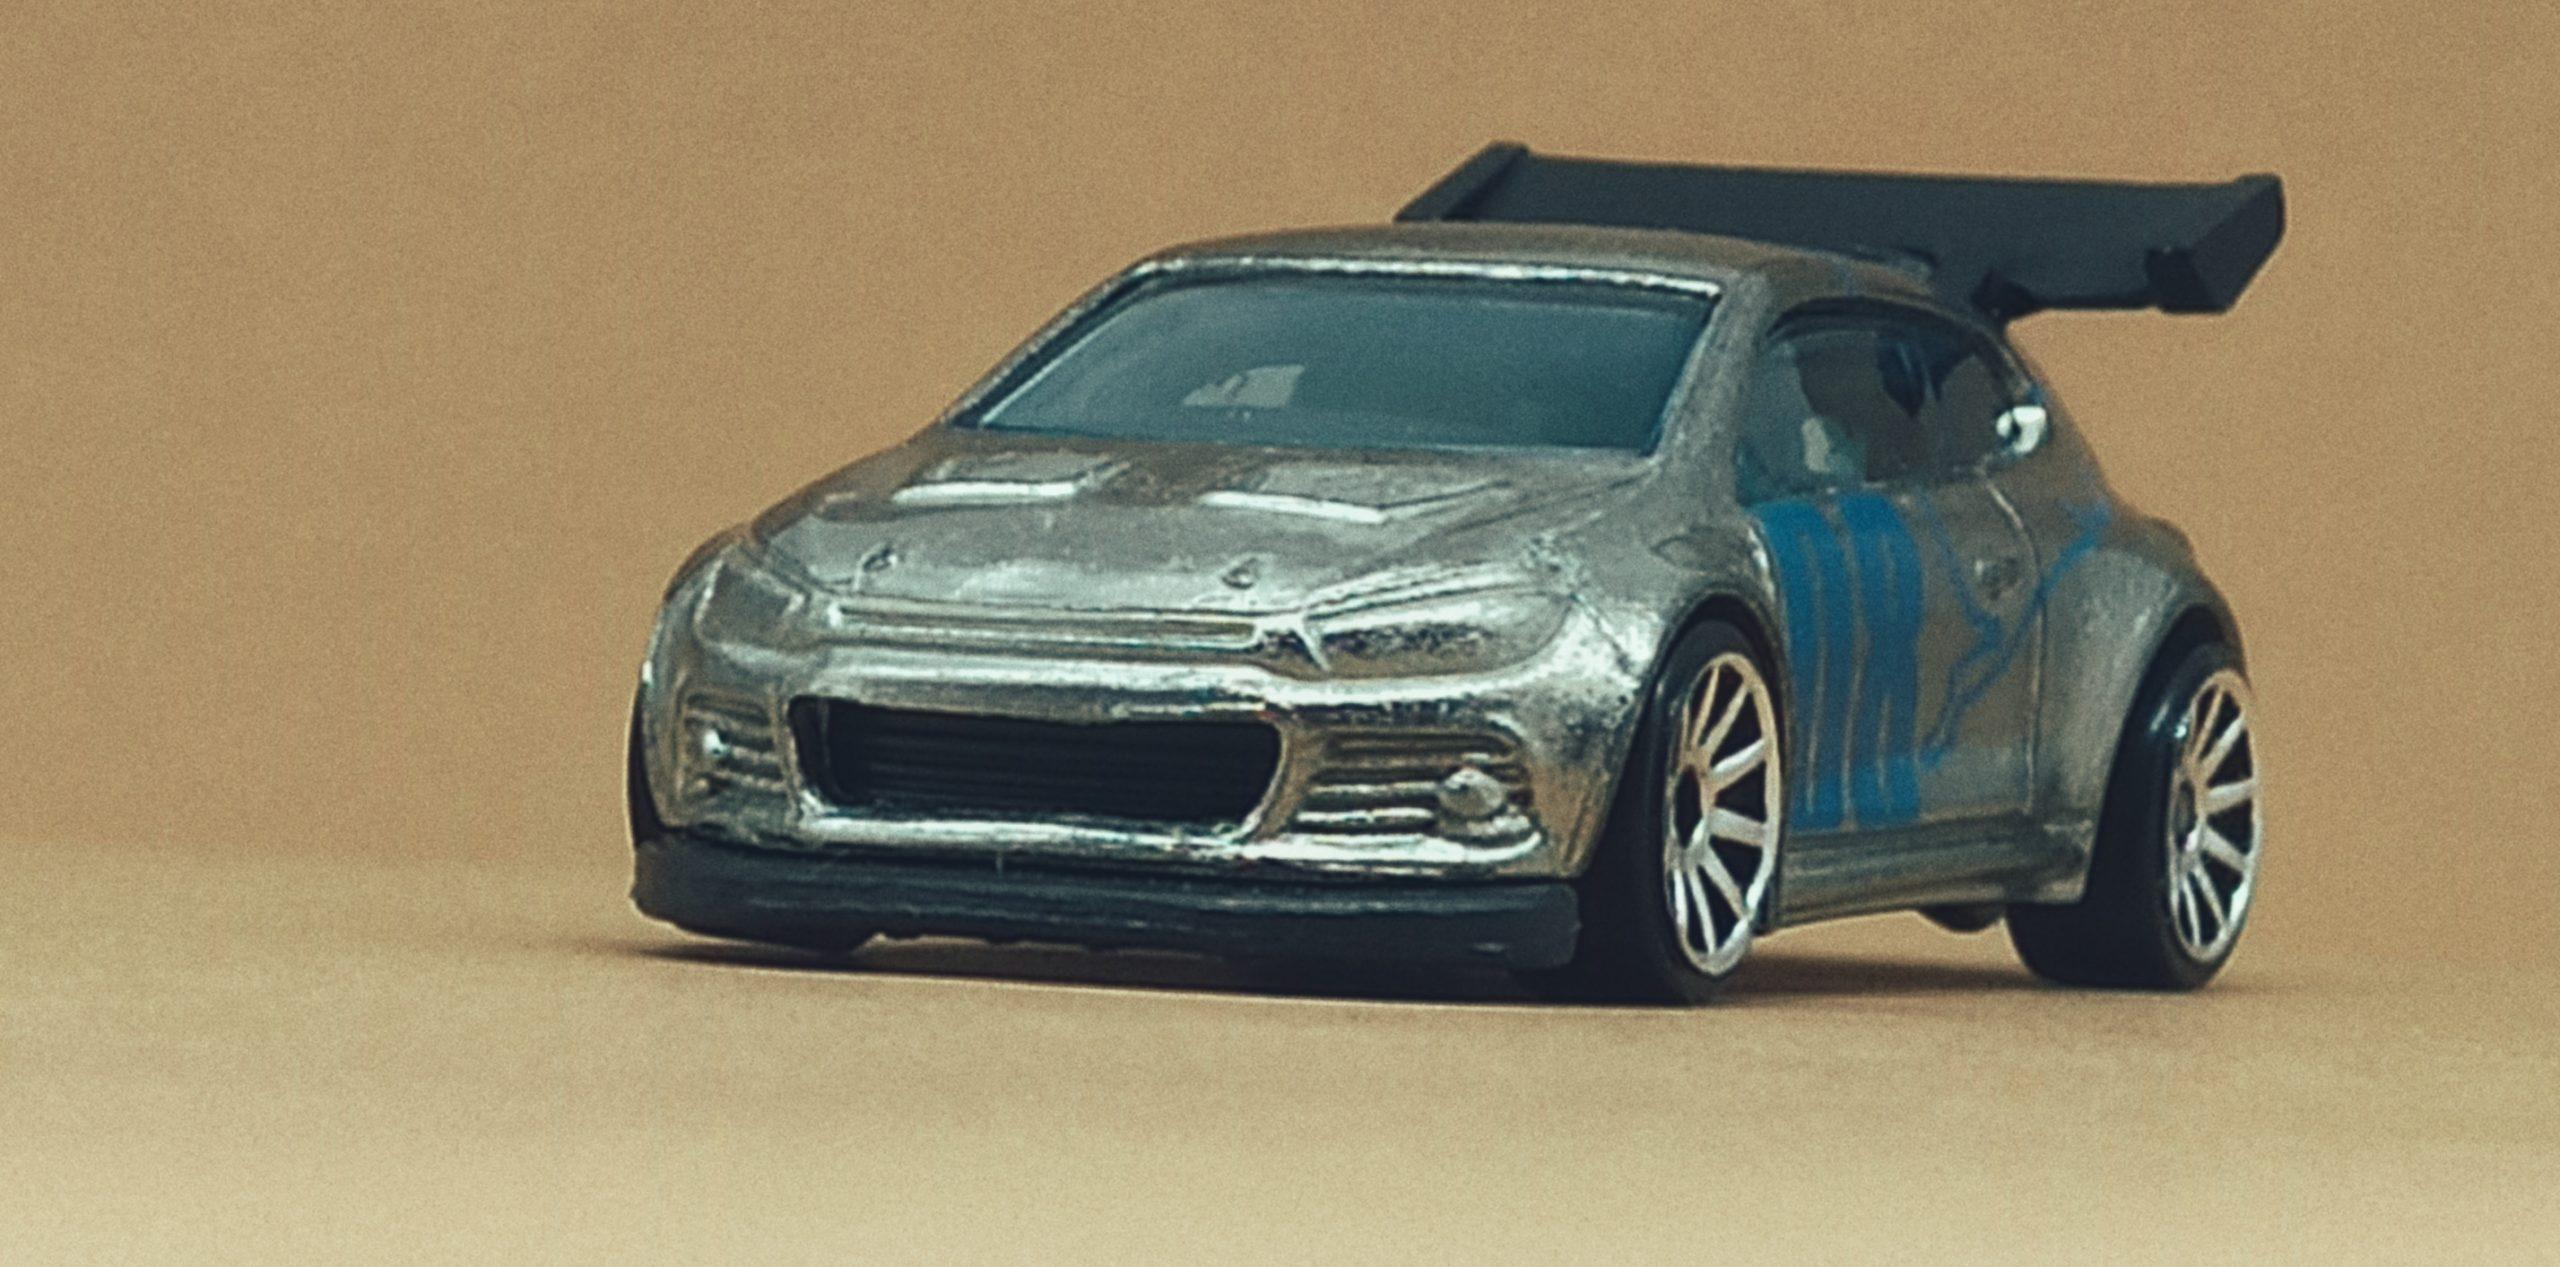 Hot Wheels Volkswagen Scirocco GT 24 (X2050) 2013 (160/250) HW Showroom: Asphalt Assault VW zamac front angle